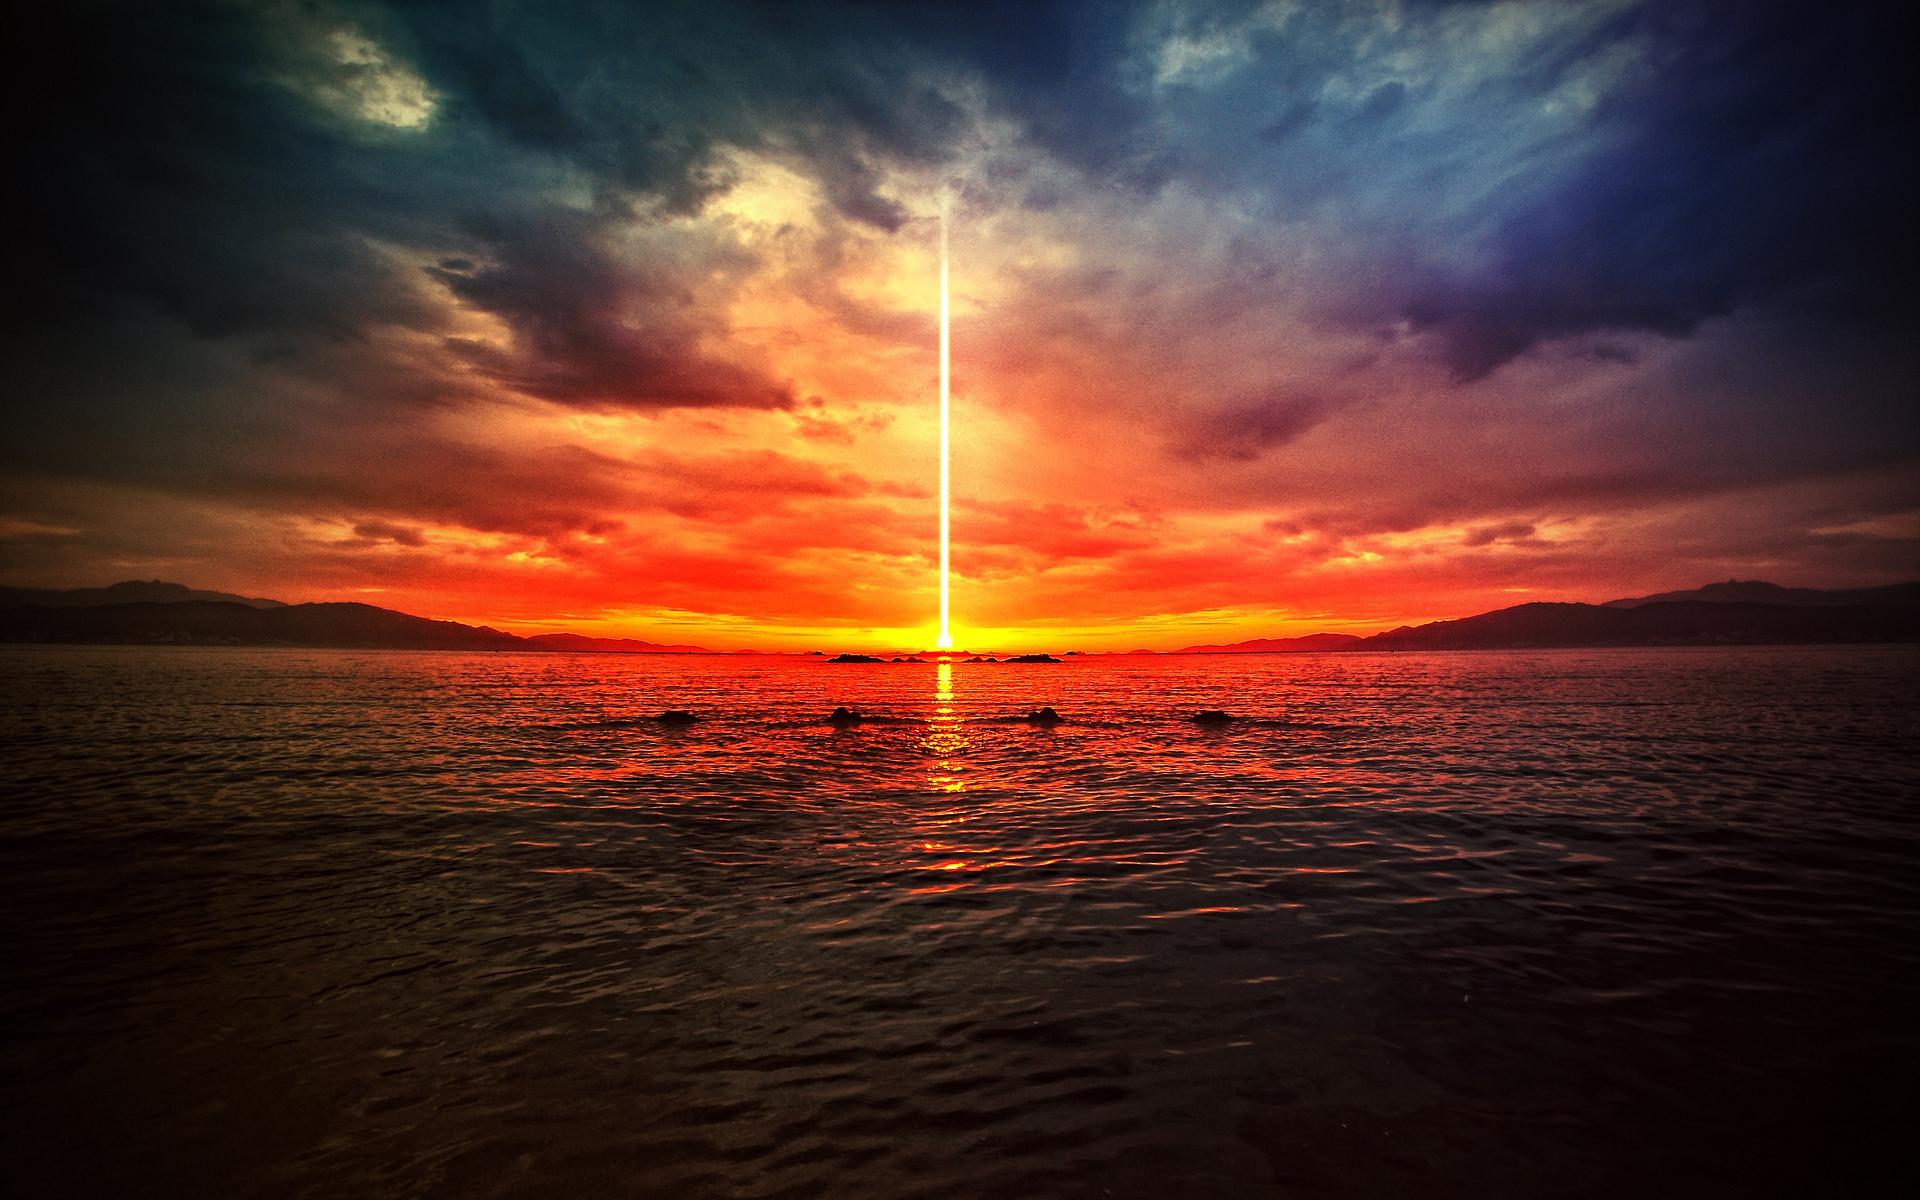 Море солнце лучи Sea the sun rays  № 1623300 бесплатно